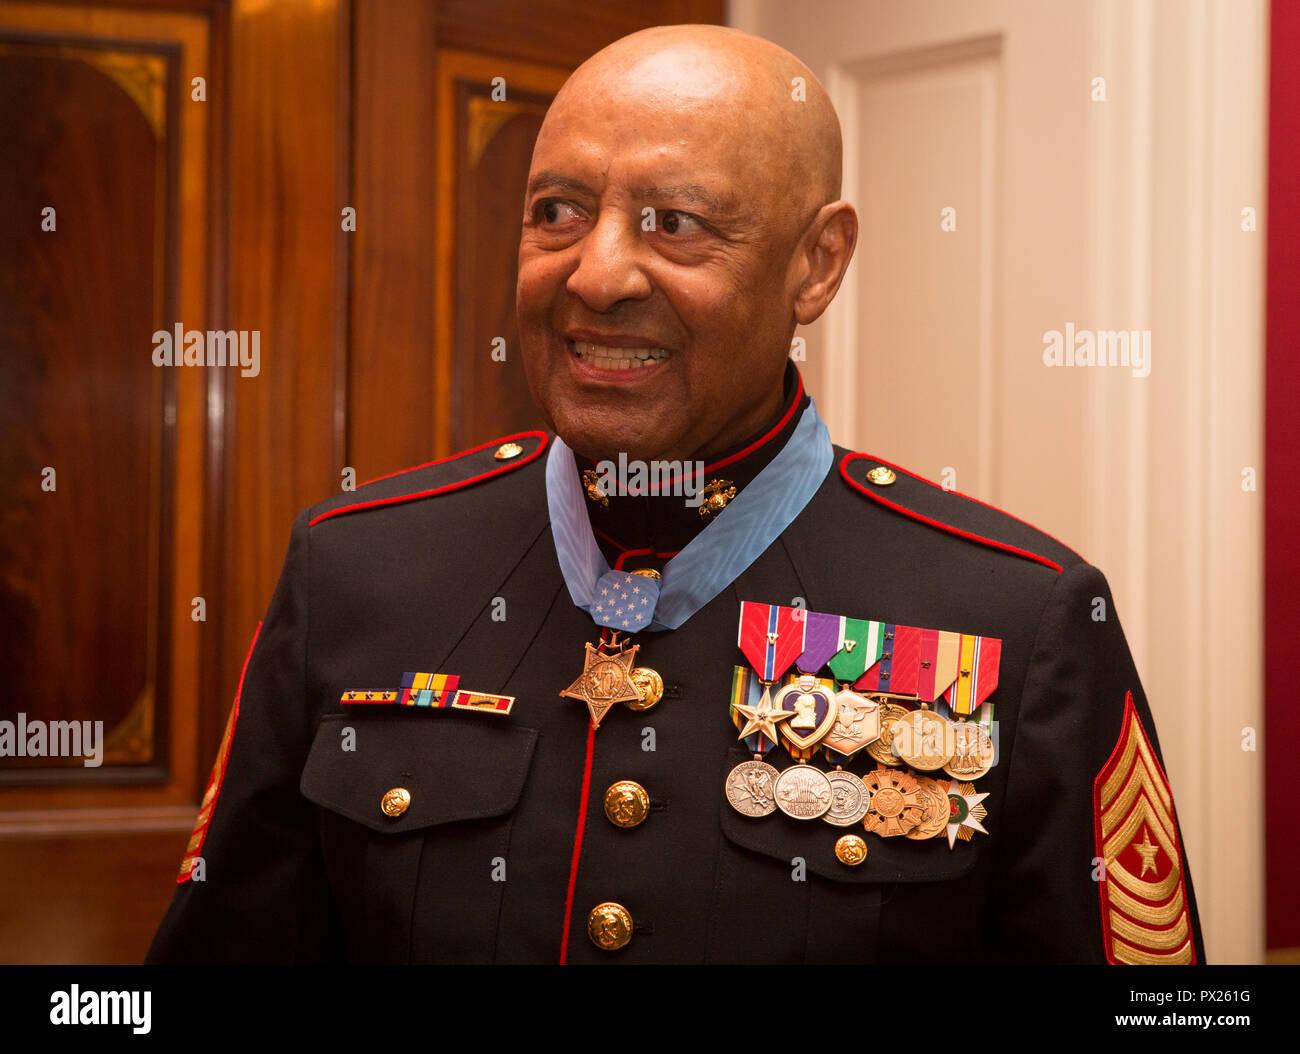 Retirado del Cuerpo de Marines de EE.UU Sgt. Gral. John L. Canley, el 300º Marine Medalla de Honor, asistió a la recepción después de la ceremonia de entrega de la Medalla de Honor en la Casa Blanca, en Washington, D.C., 17 de octubre de 2018. Desde el 31 de enero, 6 de febrero de 1968 en la República de Vietnam, Canley, la compañía al sargento primero asignado a la empresa Alfa, 1º Batallón, 01 infantes de Marina, tomó el mando de la empresa llevaron varios ataques contra posiciones fortificadas enemigas, se apresuraron a través de fuego-barrieron el terreno a pesar de sus heridas y llevado infantes heridos en la ciudad Hue, incluyendo a su comandante en jefe, para aliviar las fuerzas amigas WH Foto de stock